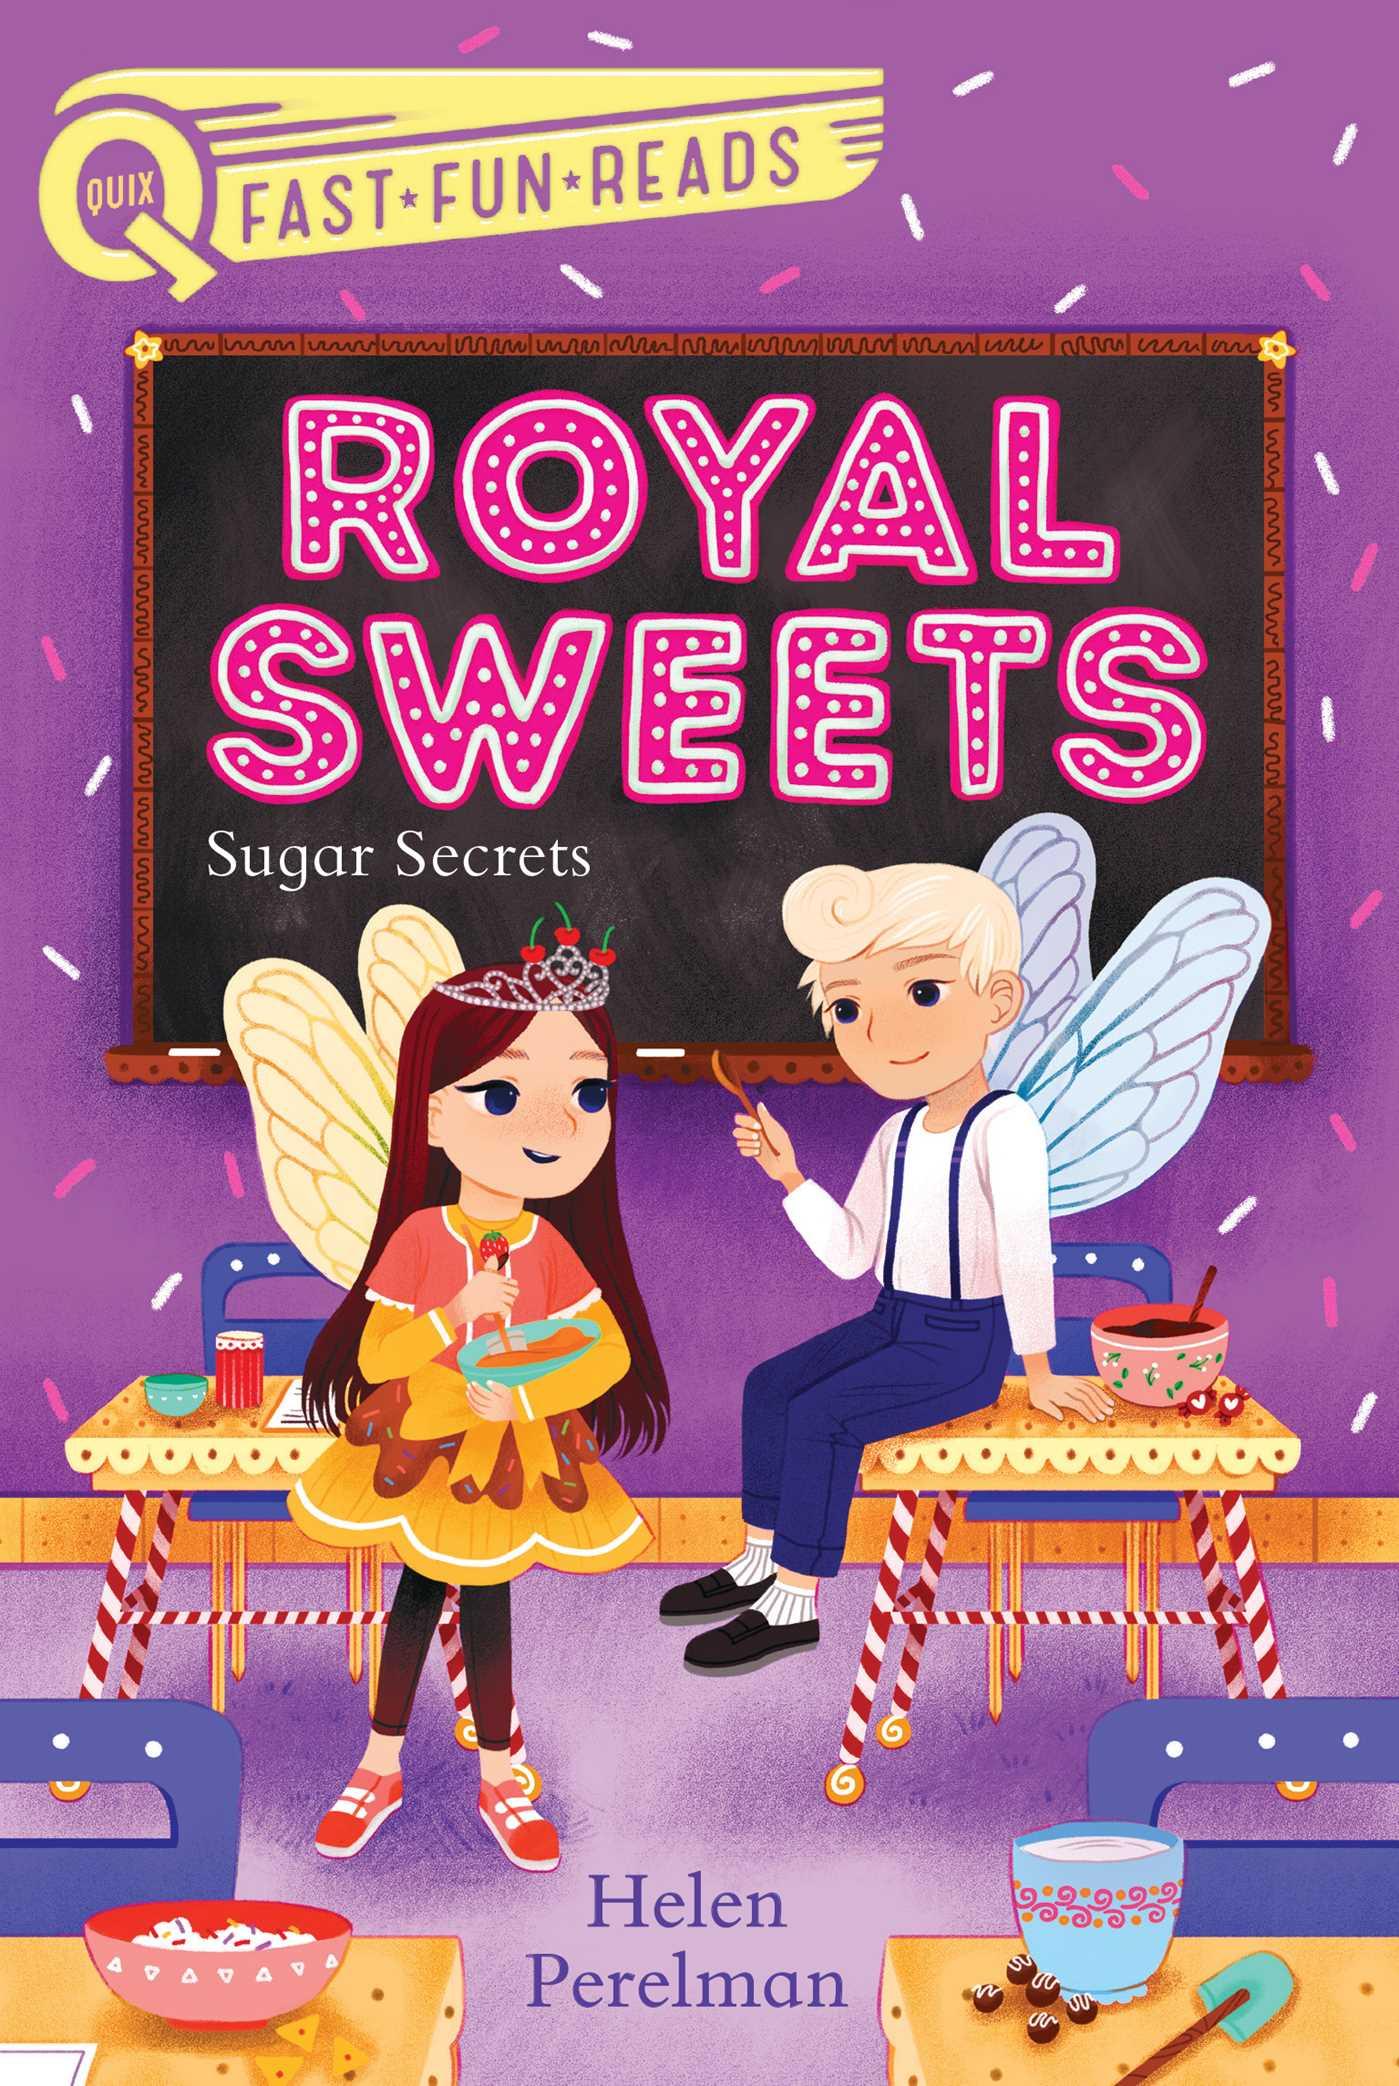 Sugar secrets 9781481494809 hr